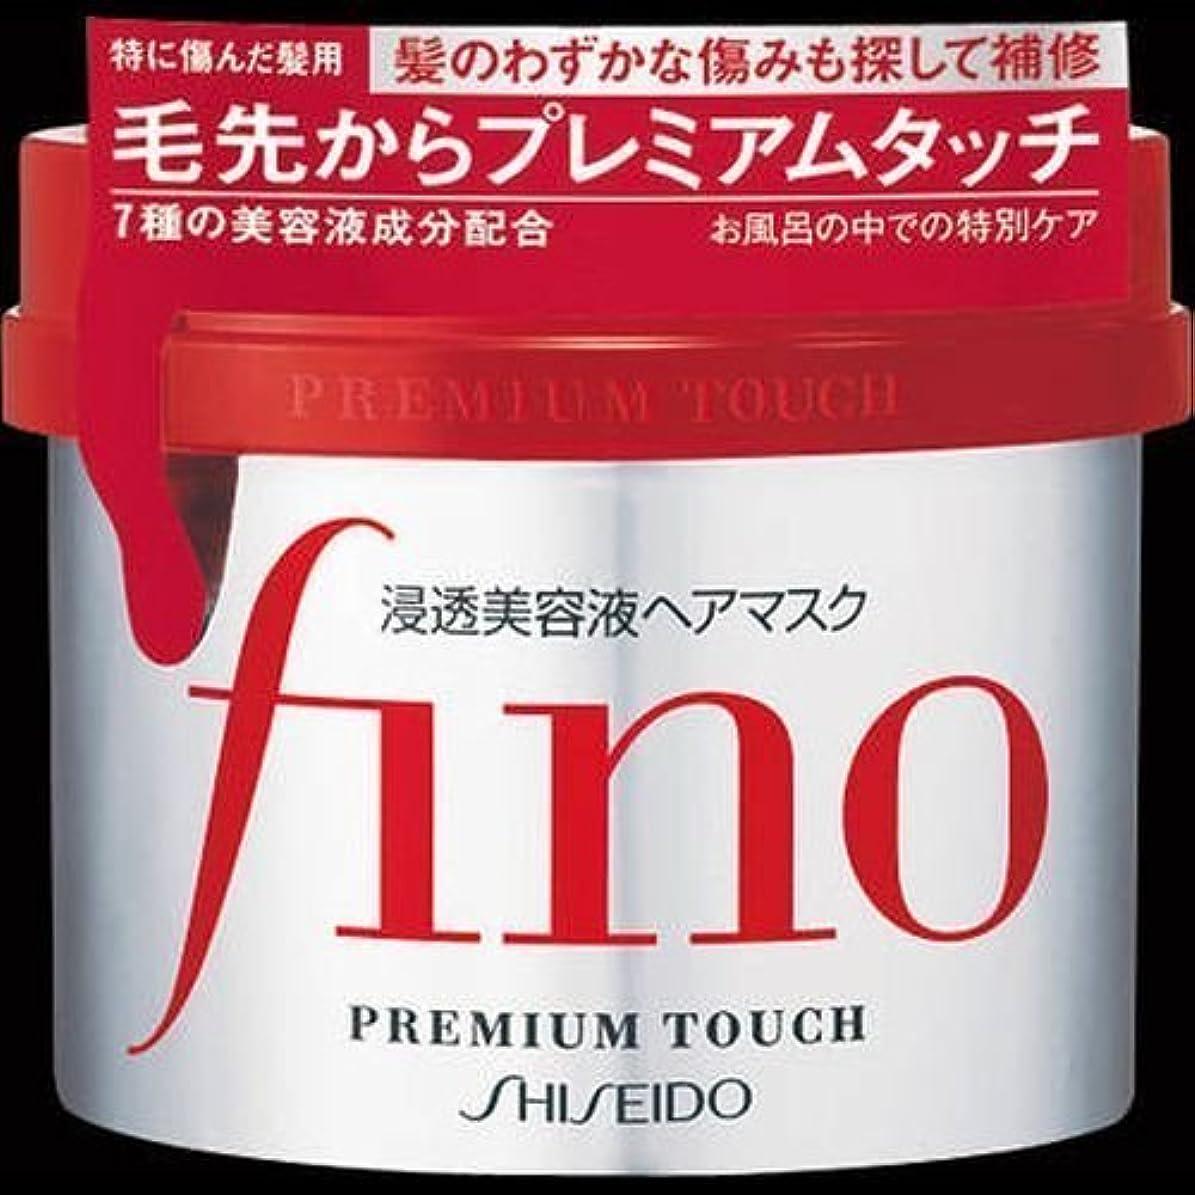 孤独な拡大する浴【まとめ買い】フィーノ プレミアムタッチ 浸透美容液 ヘアマスク 230g ×2セット